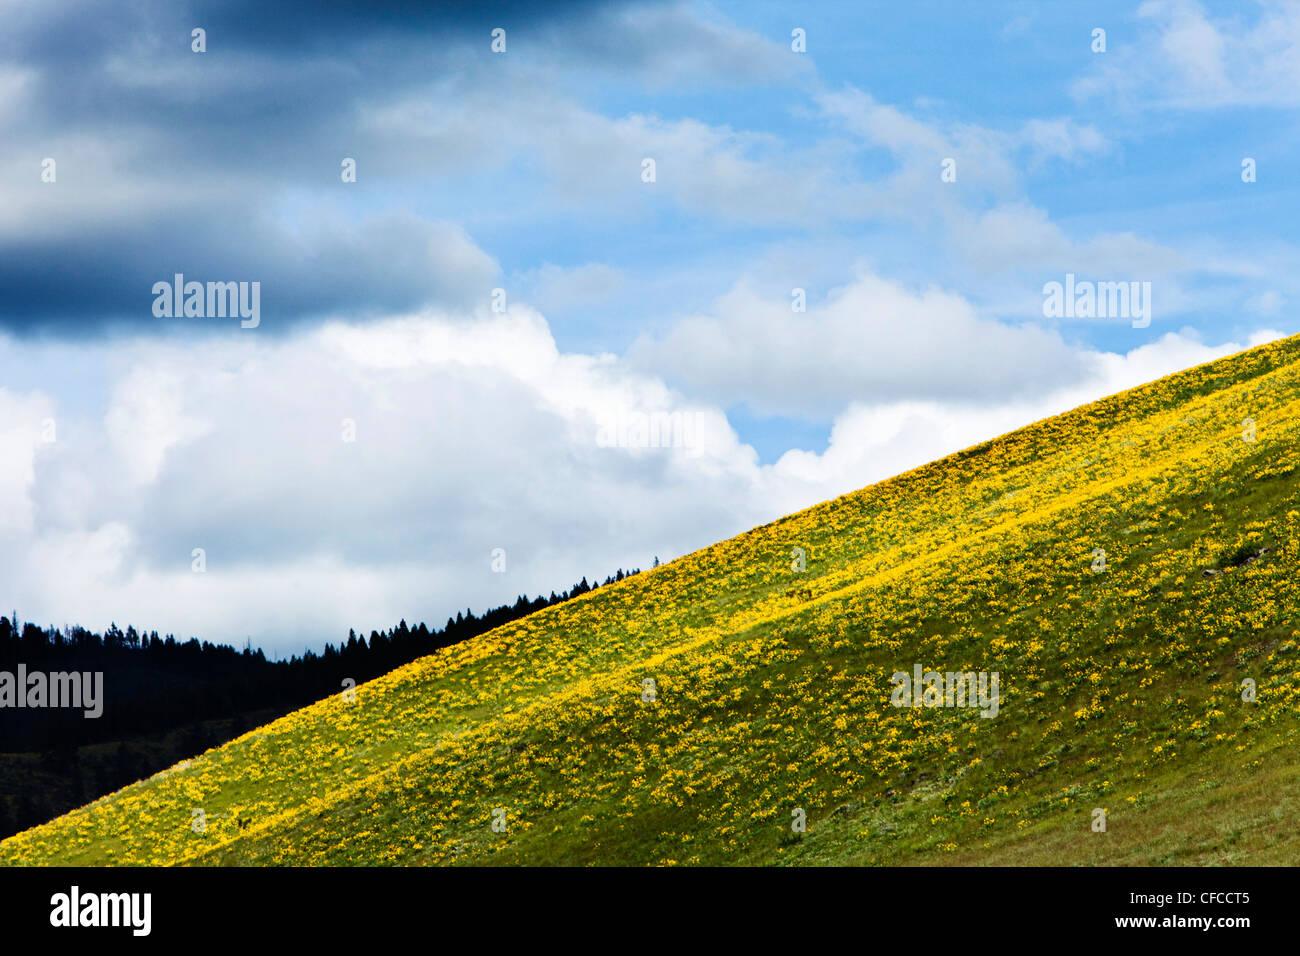 Una collina di fiori selvatici fioritura sotto il cielo tempestoso in Montana. Foto Stock